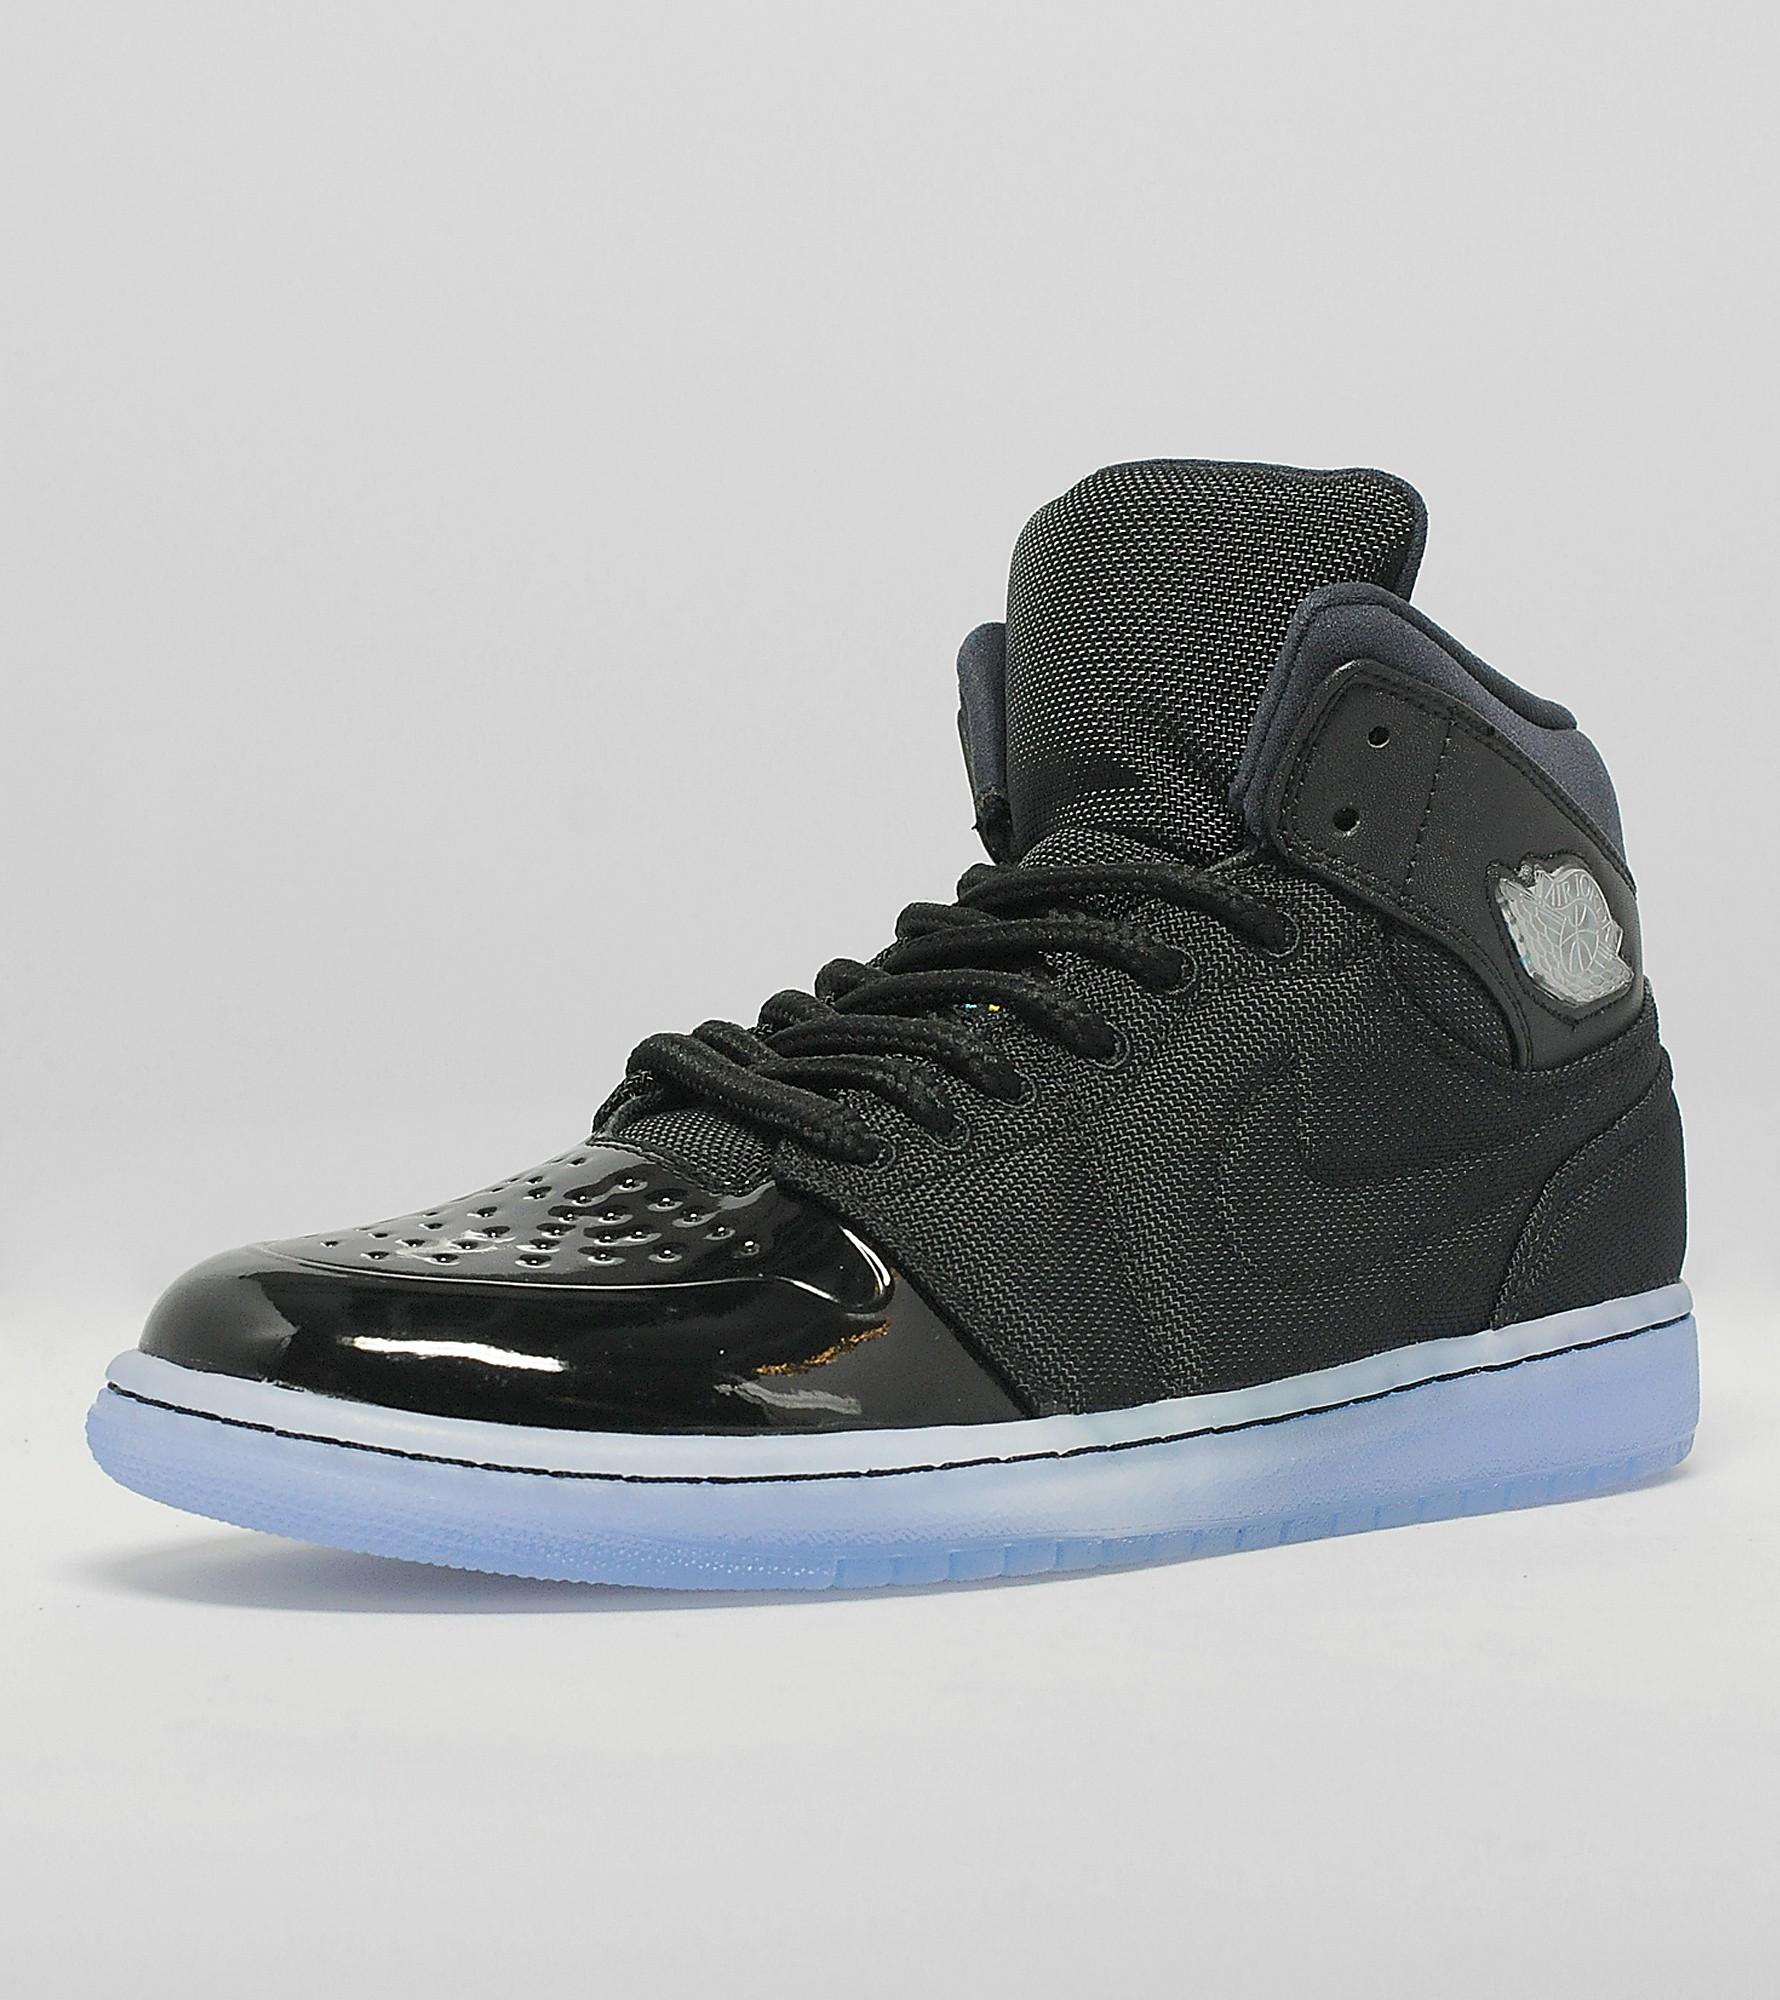 Jordan 1 95 'Gamma Blue'